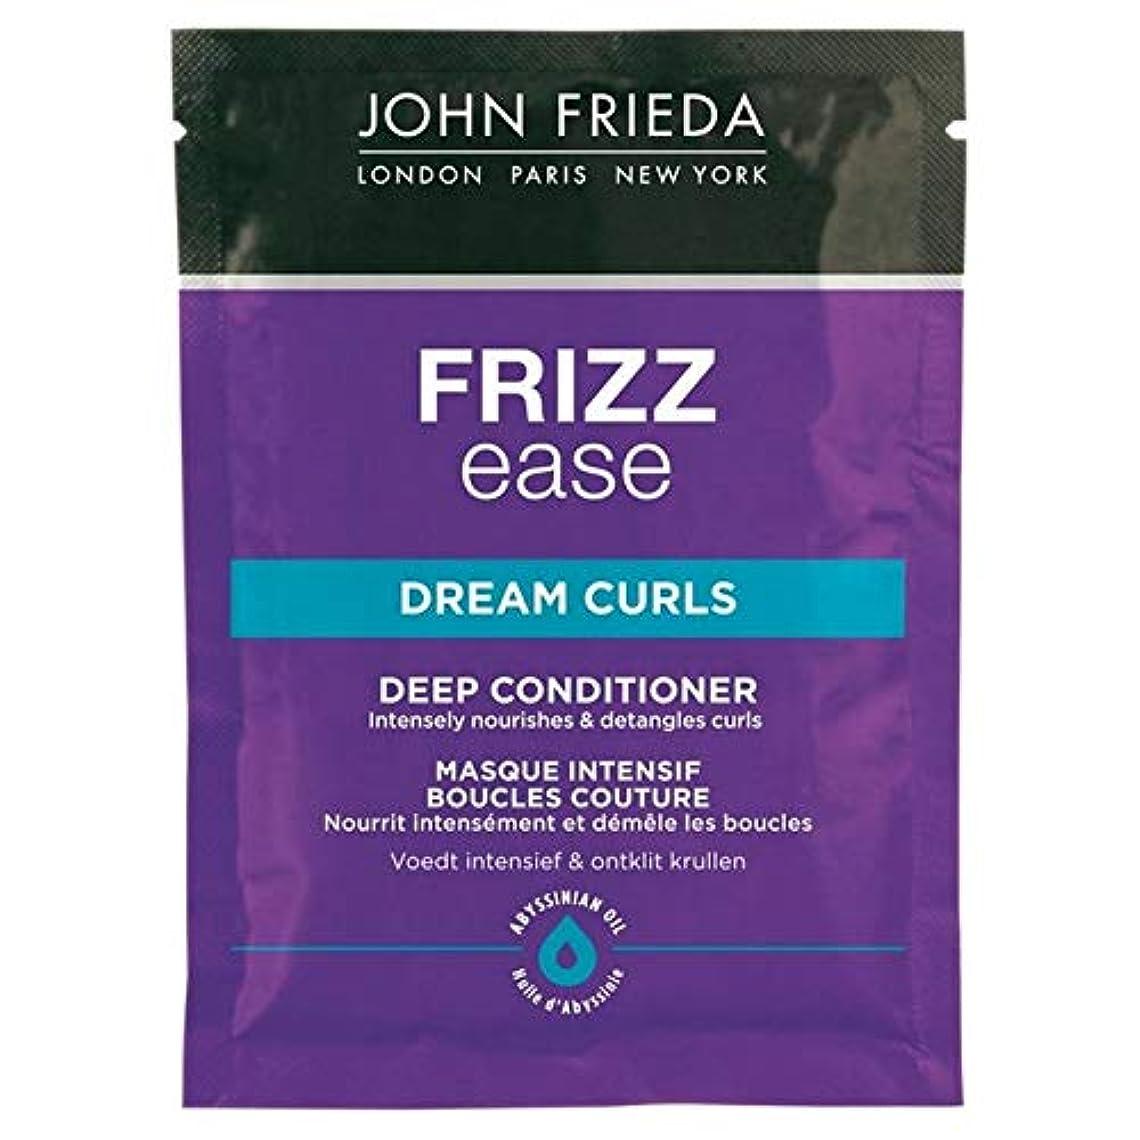 コレクション僕の基礎[John Frieda ] ジョン?フリーダ縮れ容易夢のカールコンディショナー25ミリリットル - John Frieda Frizz Ease Dream Curls Conditioner 25ml [並行輸入品]